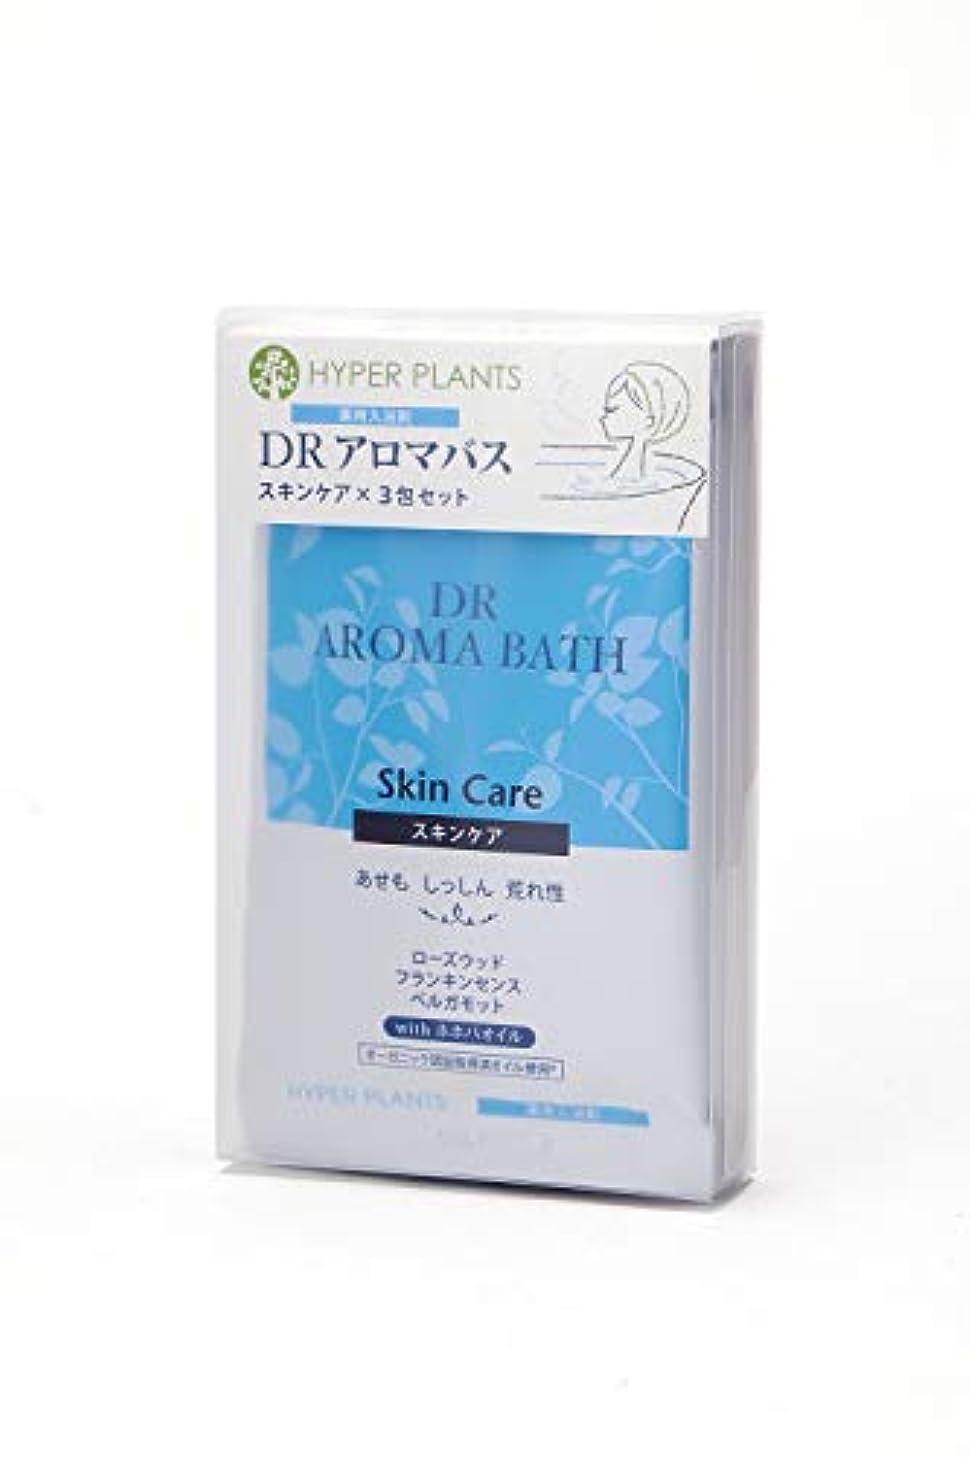 変化するクランプアセ医薬部外品 薬用入浴剤 ハイパープランツ DRアロマバス スキンケア 3包セット